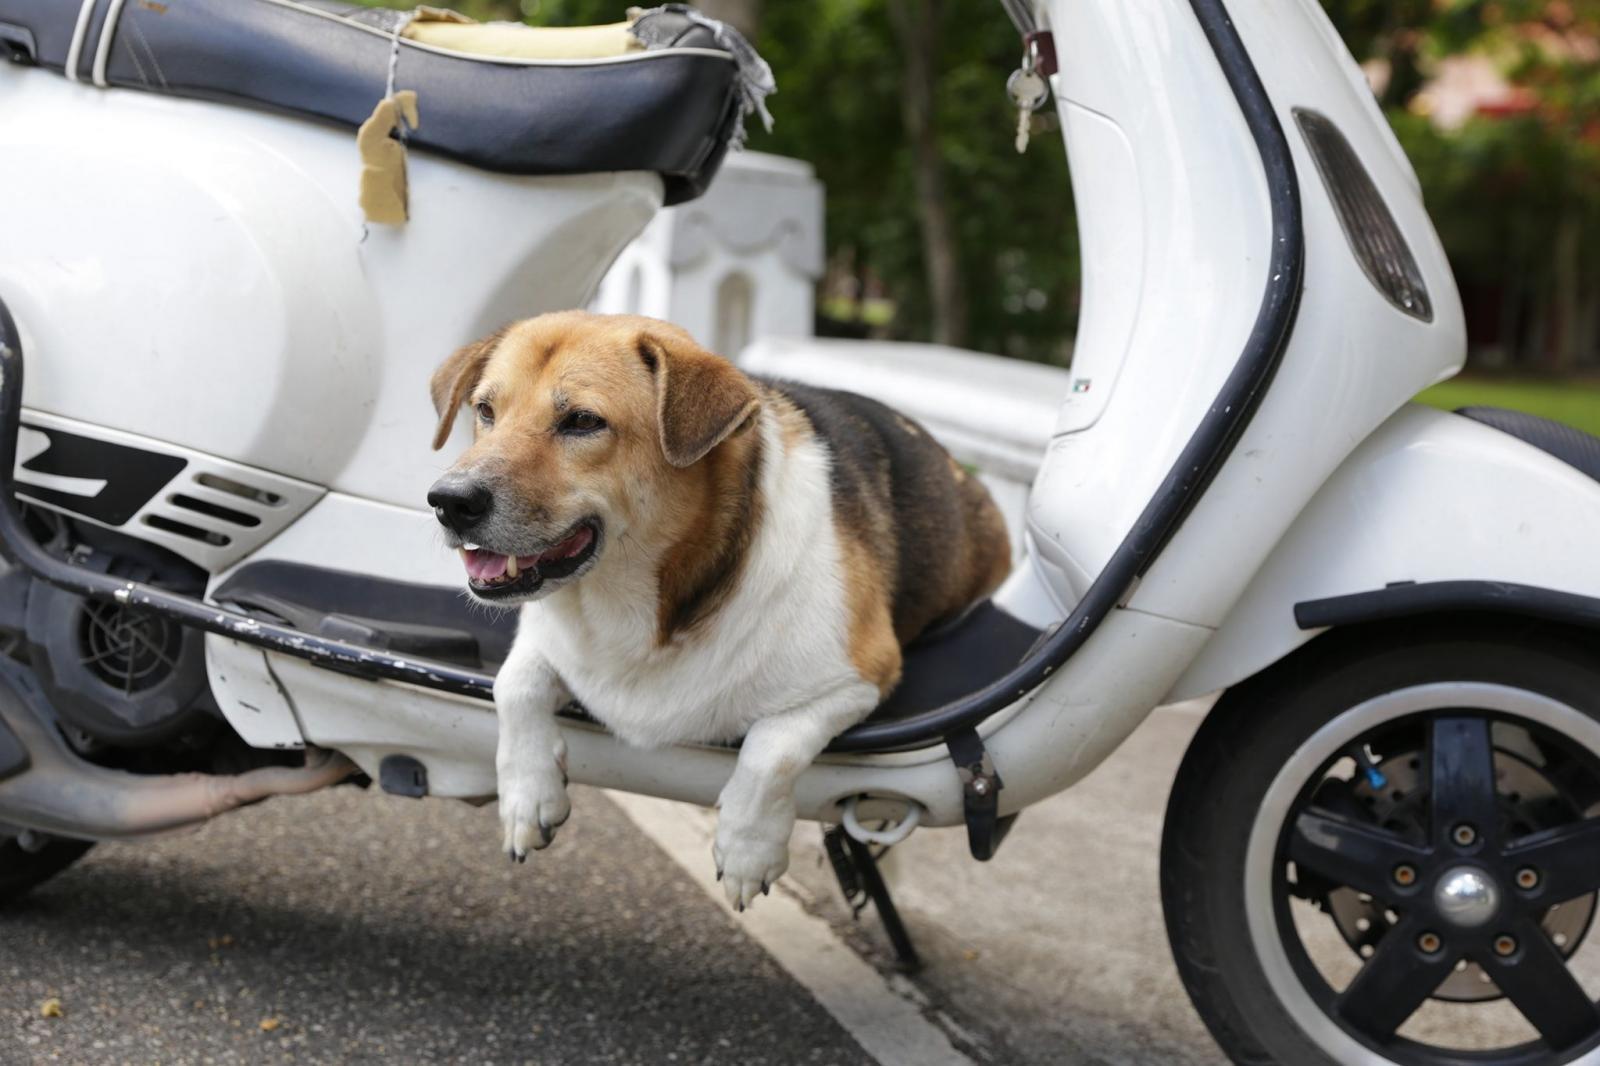 """เผยเบาะแสล่าสุด """"พี่เตี้ย มช."""" สุนัขขวัญใจ ม.เชียงใหม่ ใครเจอตัวส่งคืนให้ 10,000 บาท"""